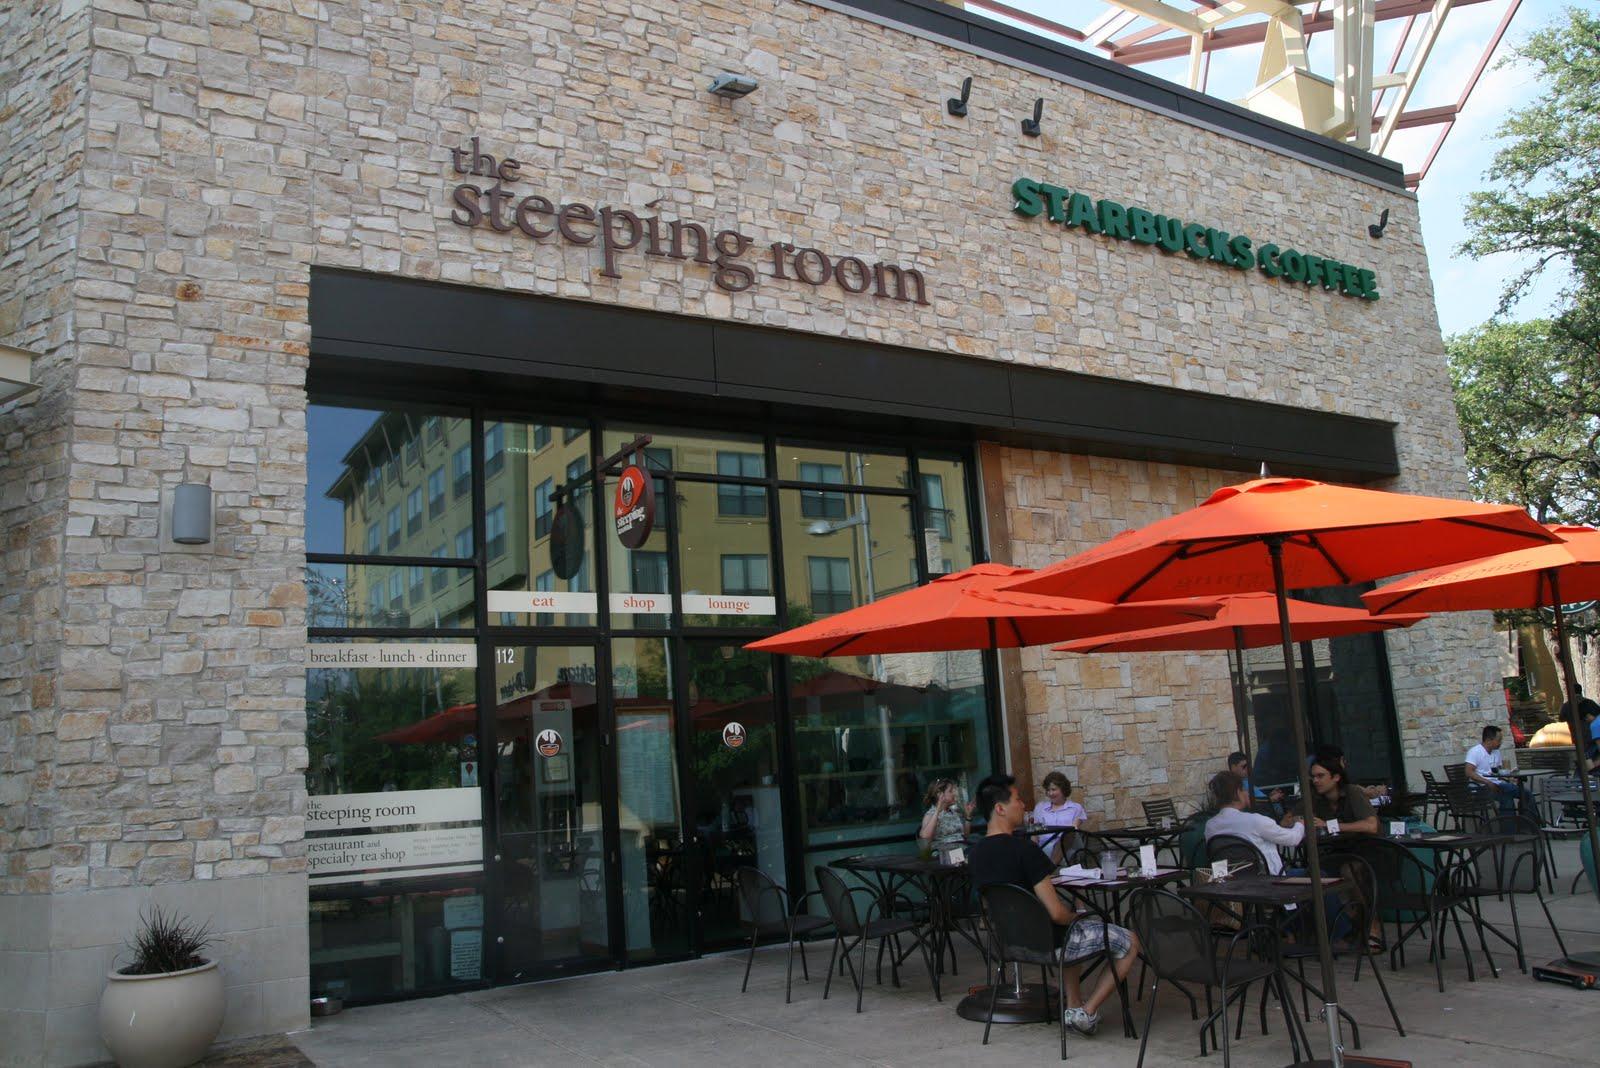 Steeping Room | A Taste of Koko - Austin\'s Top Food & Travel Blog